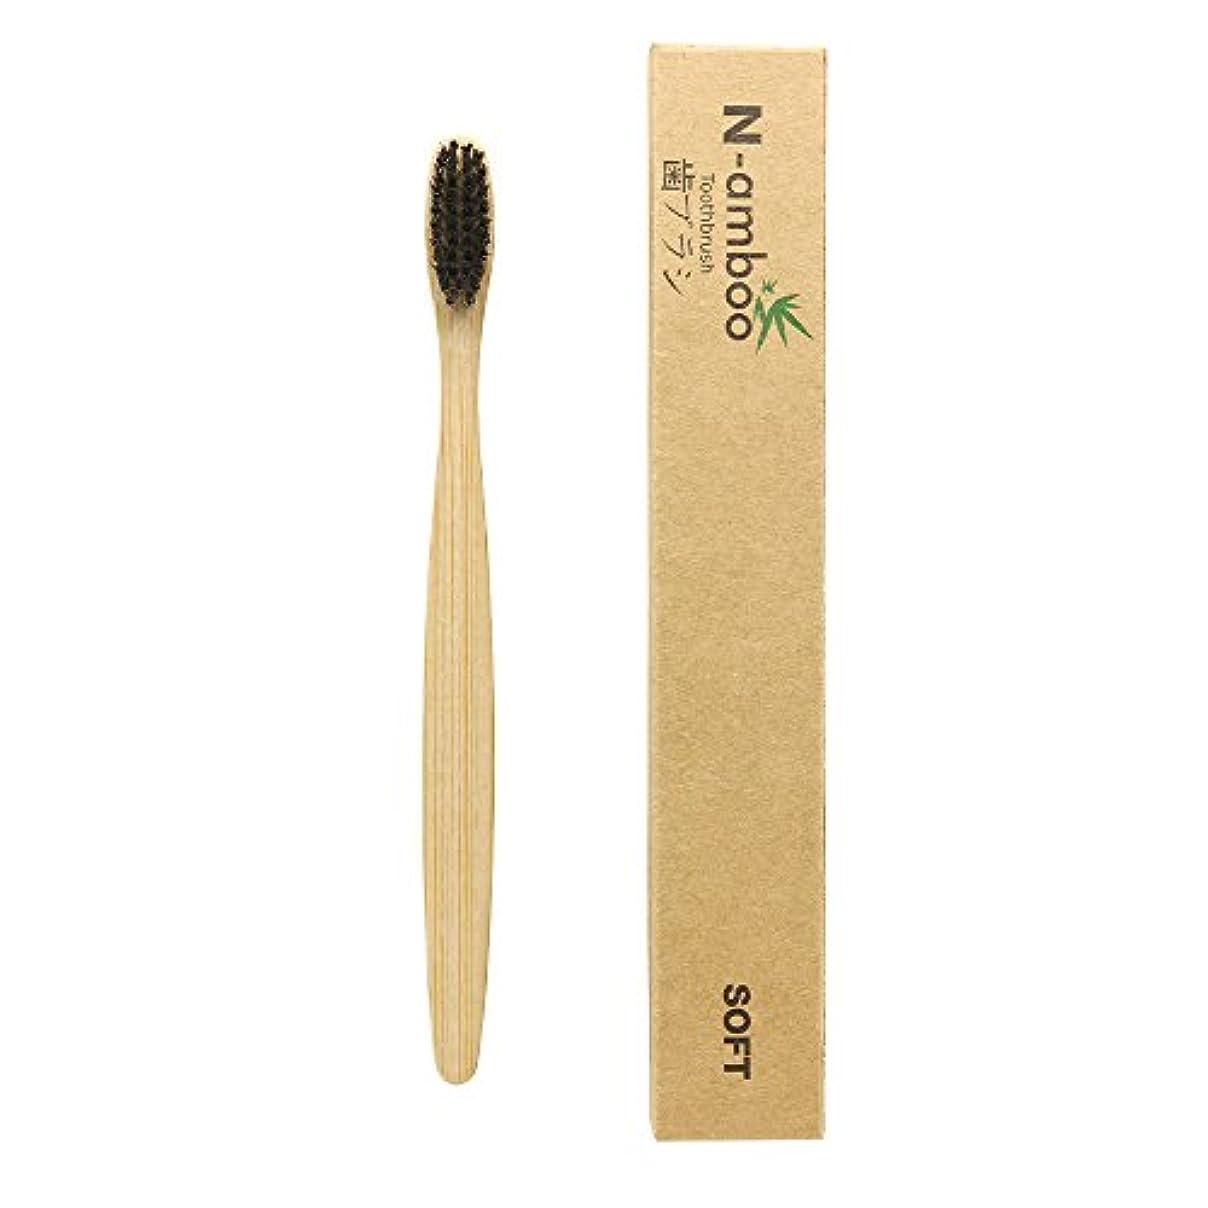 骨の折れるシルクプランターN-amboo 歯ブラシ 1本入り 竹製 高耐久性 黒 エコ